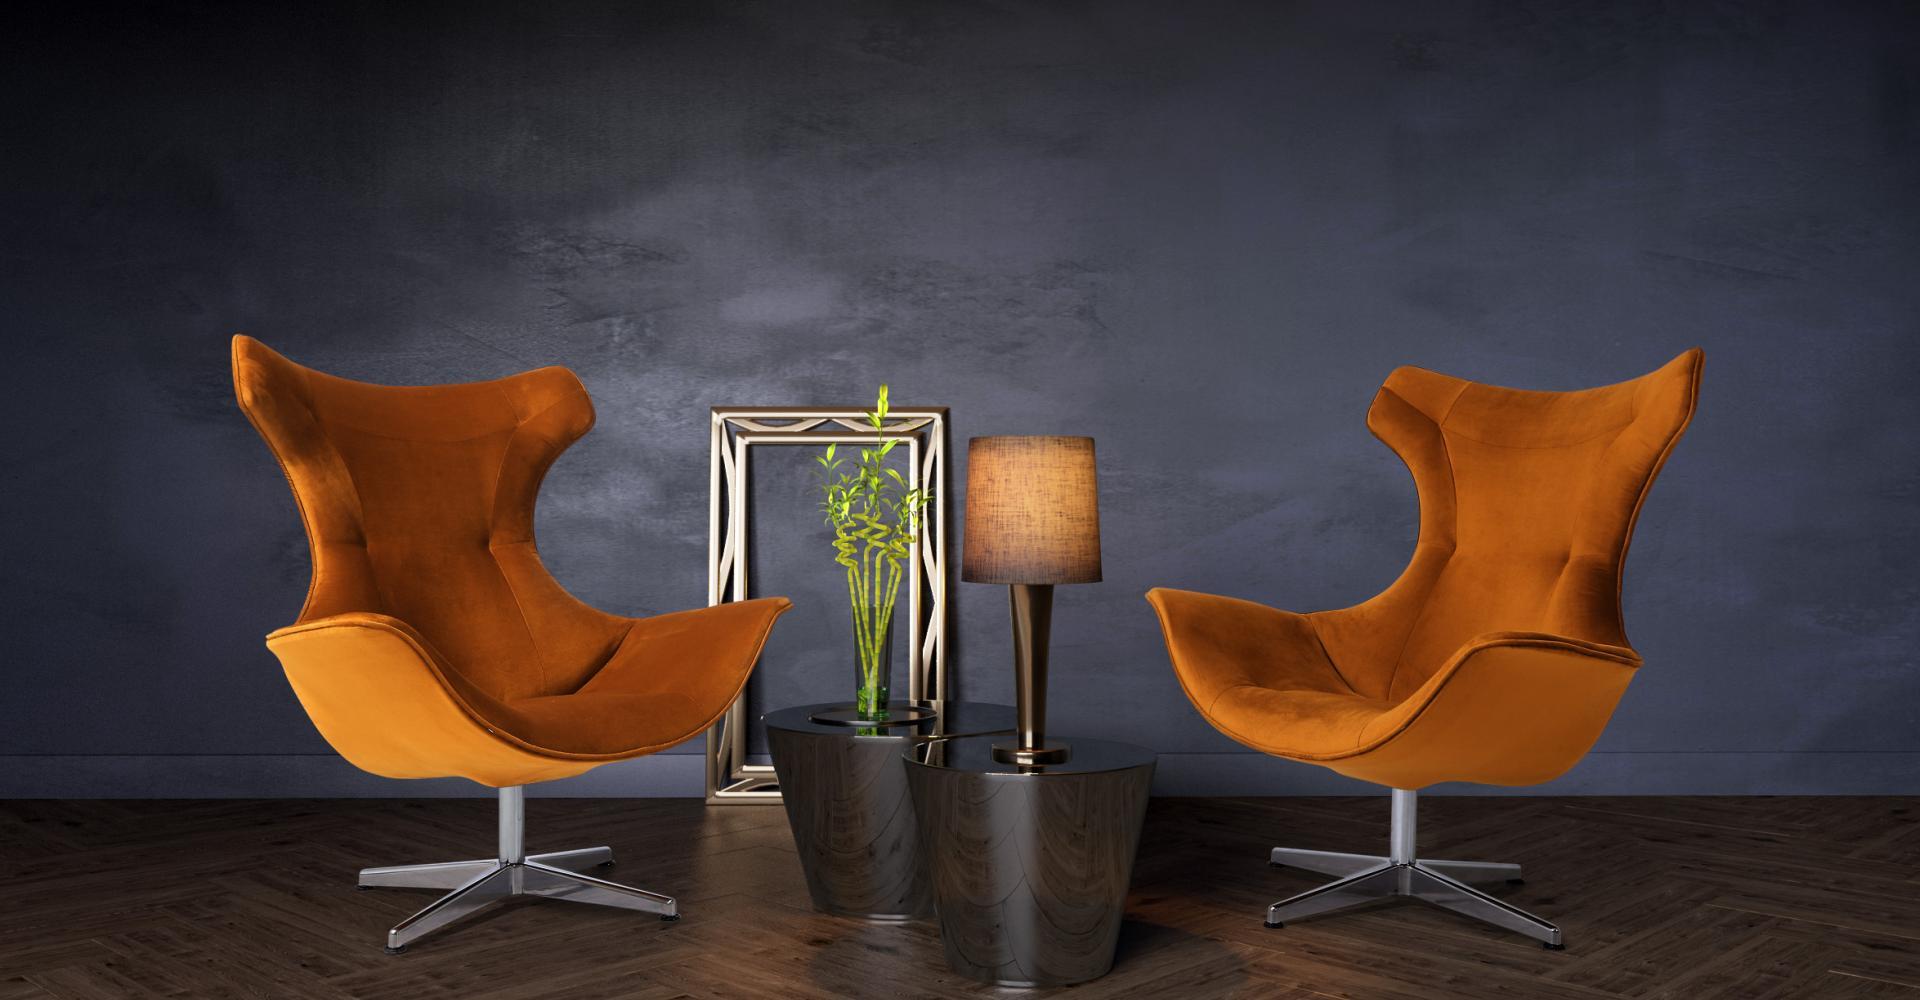 Mirasol designerski fotel w najlepszym wydaniu.